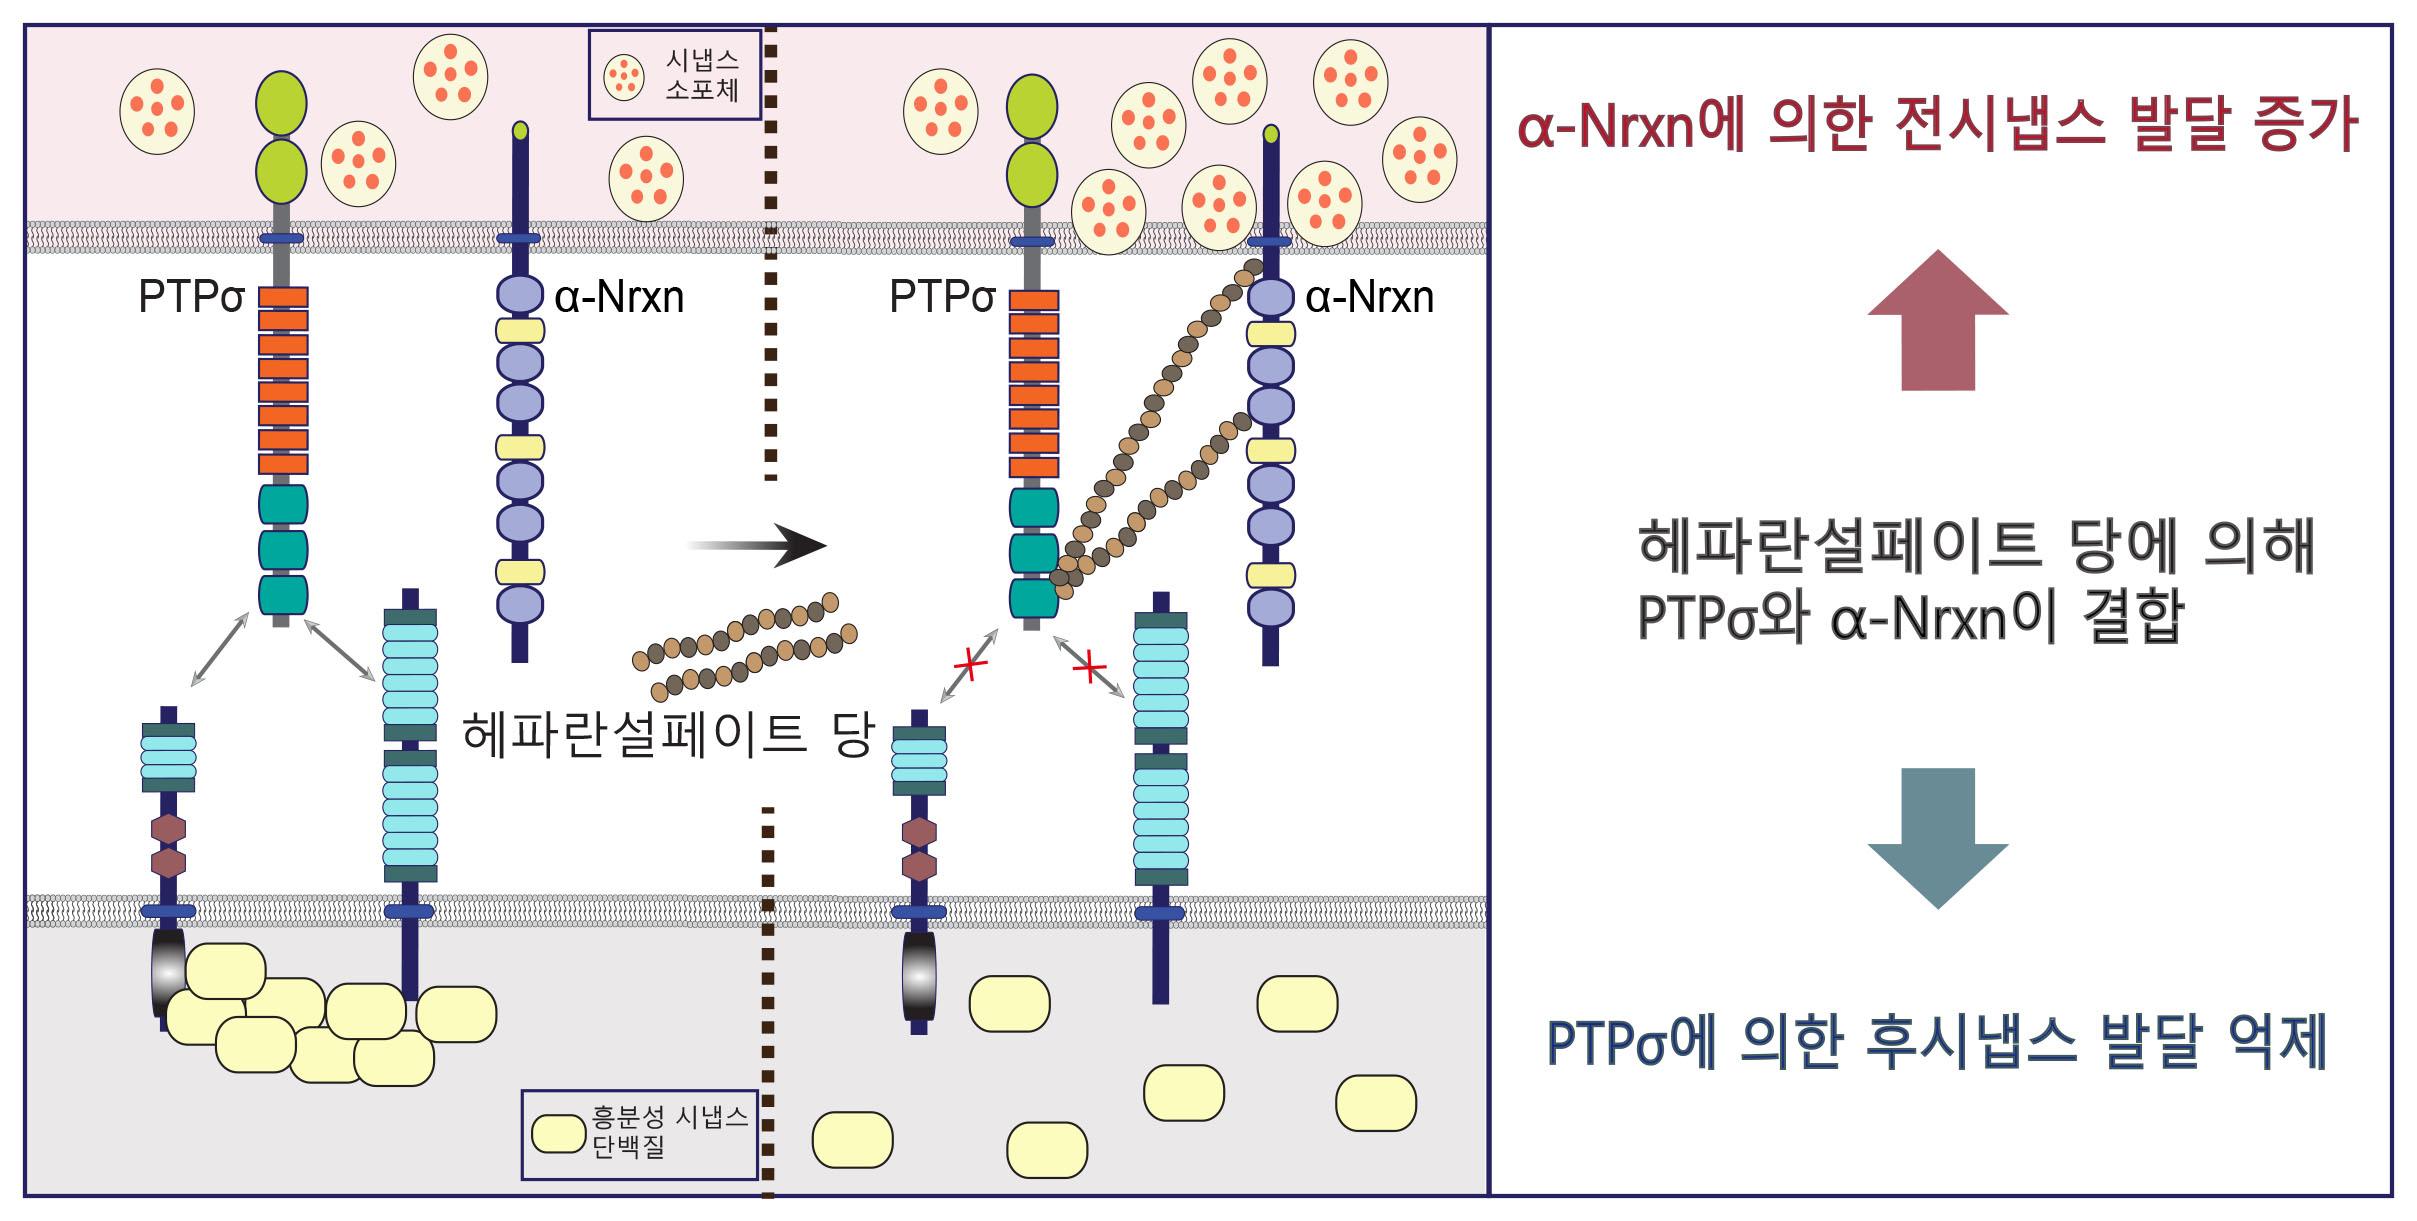 뇌 시냅스 발달에 기여하는 핵심 단백질 메커니즘 규명 이미지2